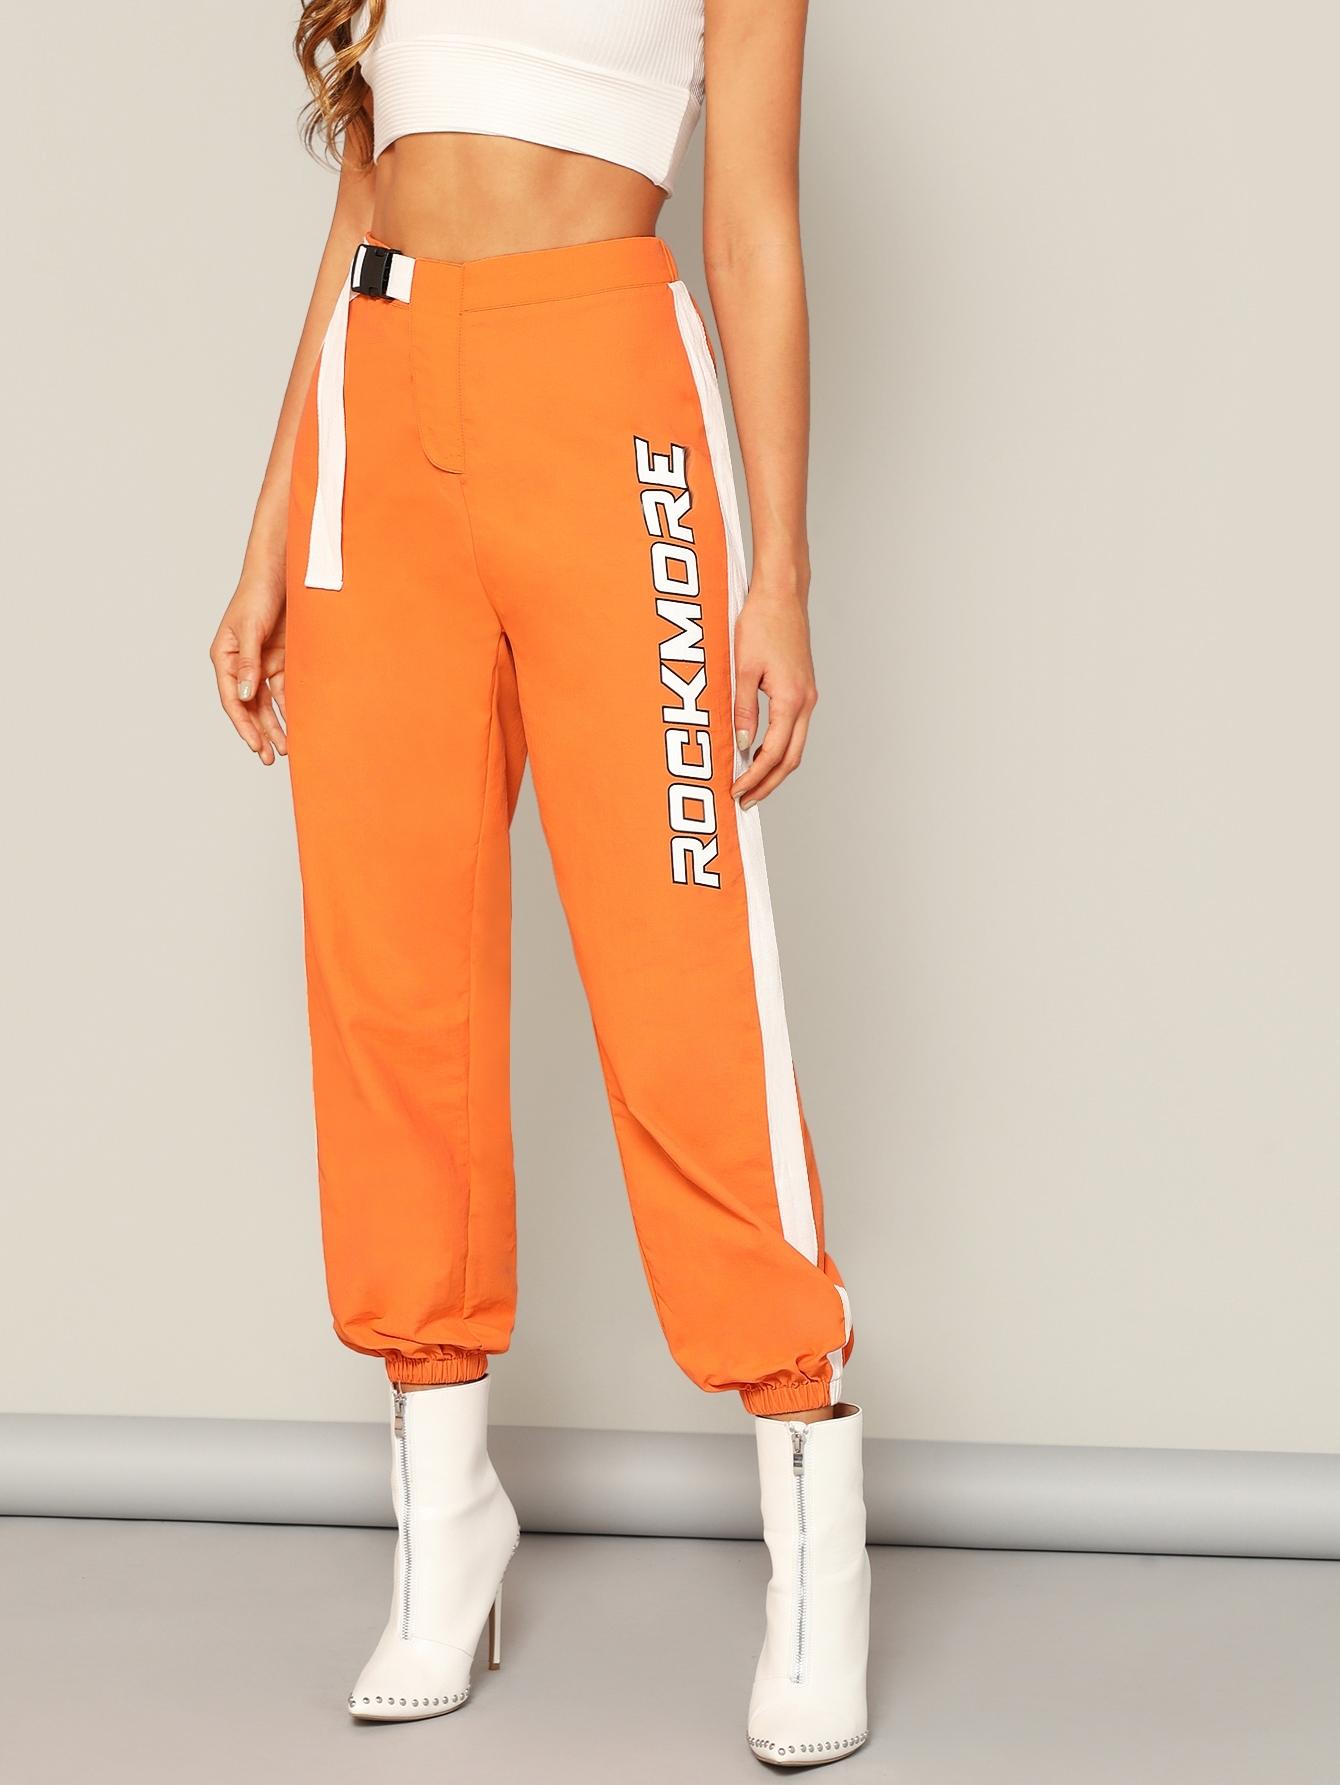 Брюки  Оранжевый цвета